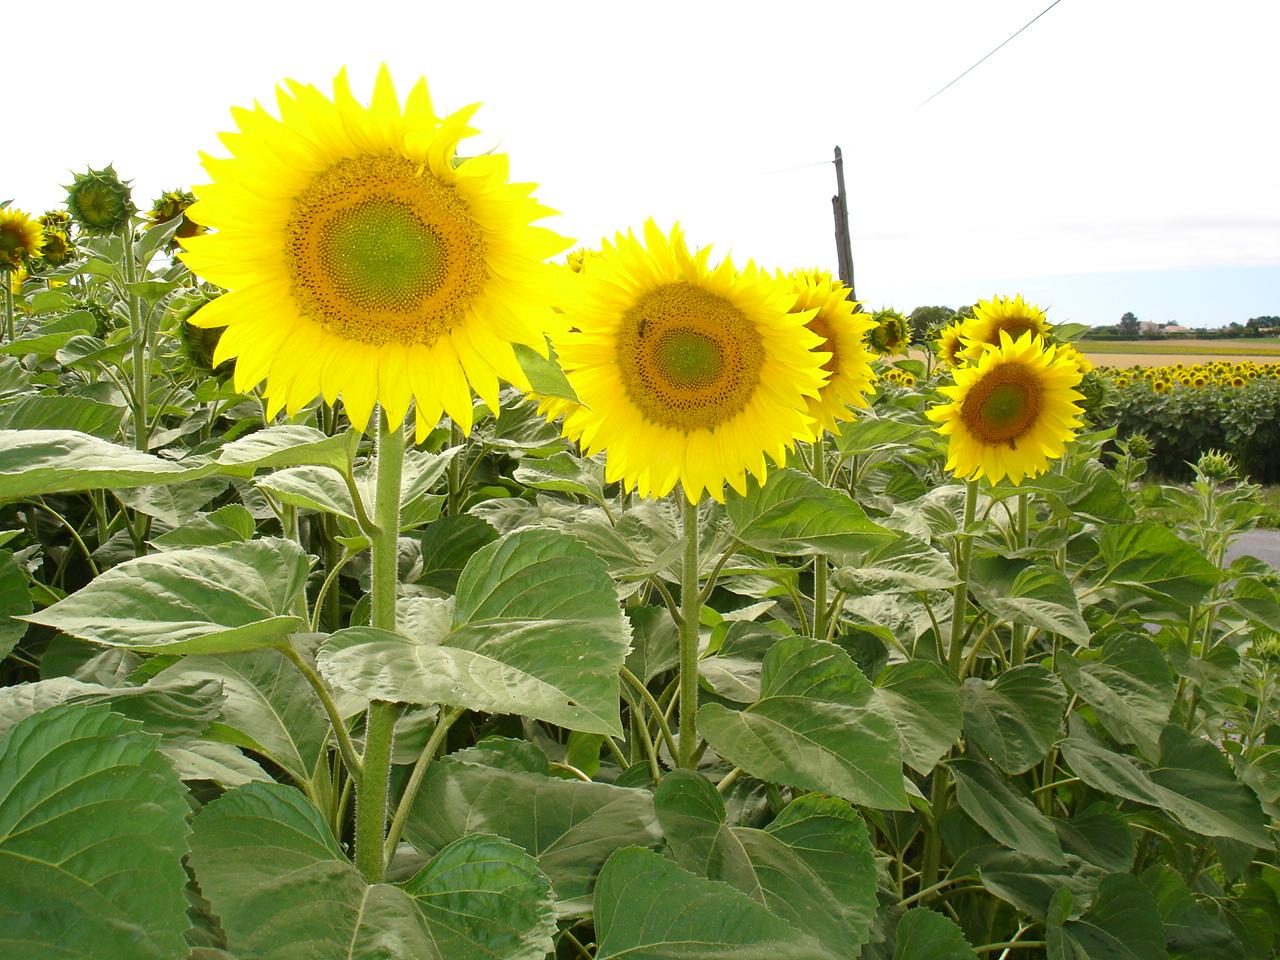 Quand Faut Il Semer Les Tournesols l'huile de tournesol et ses bienfaits - bien-être au naturel